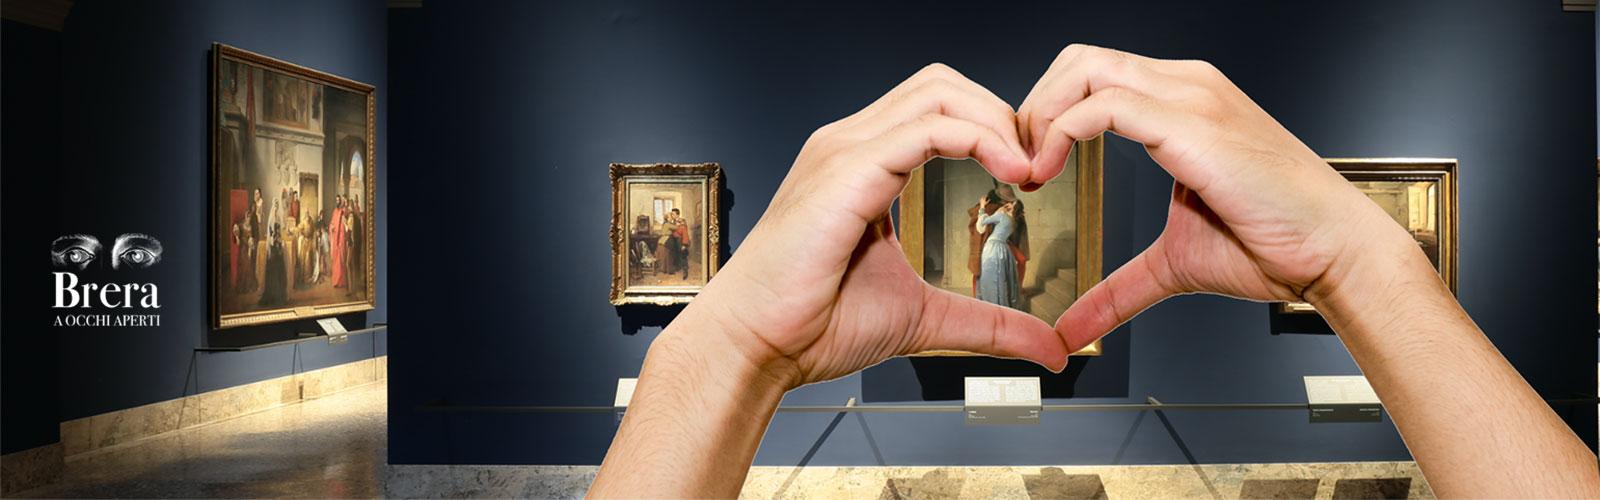 The Pinacoteca di Brera opening hours